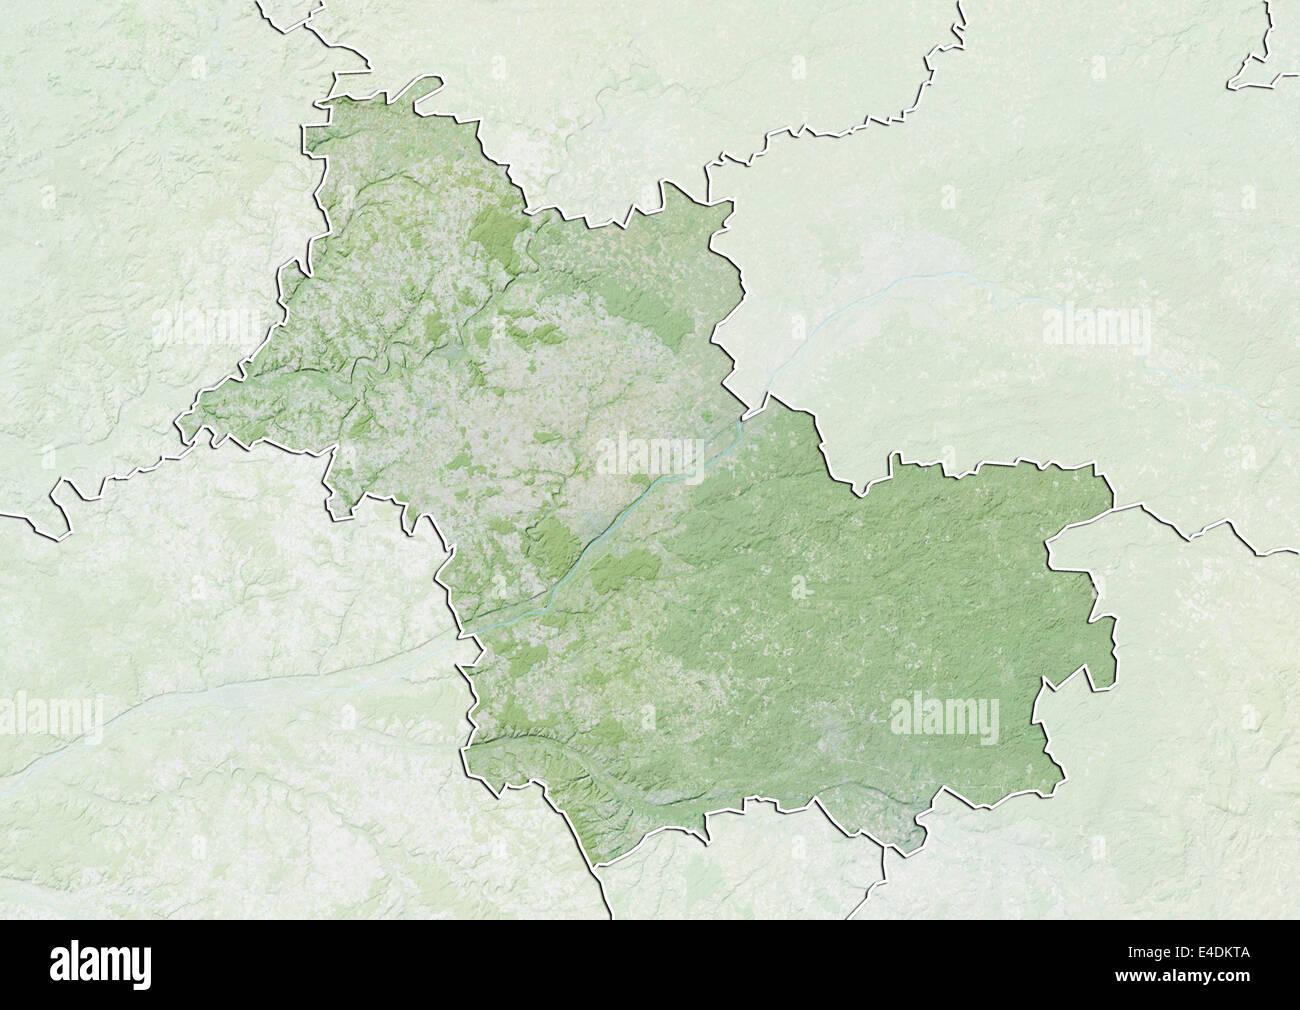 carte loire et cher Loir Et Cher Map Stock Photos & Loir Et Cher Map Stock Images   Alamy